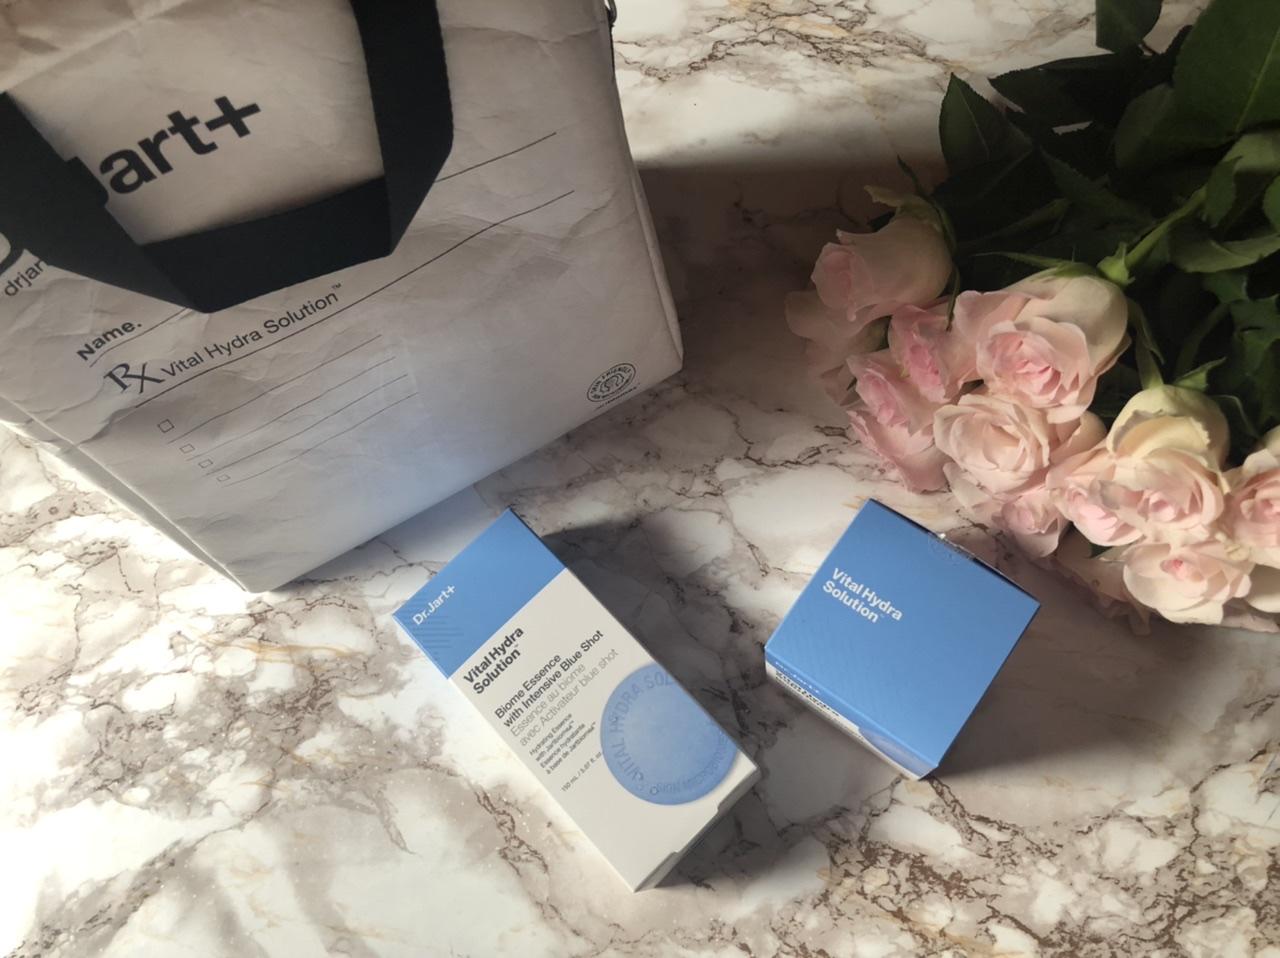 DrJart Vital Hydra Solution per ripristinare l'umidità della pelle